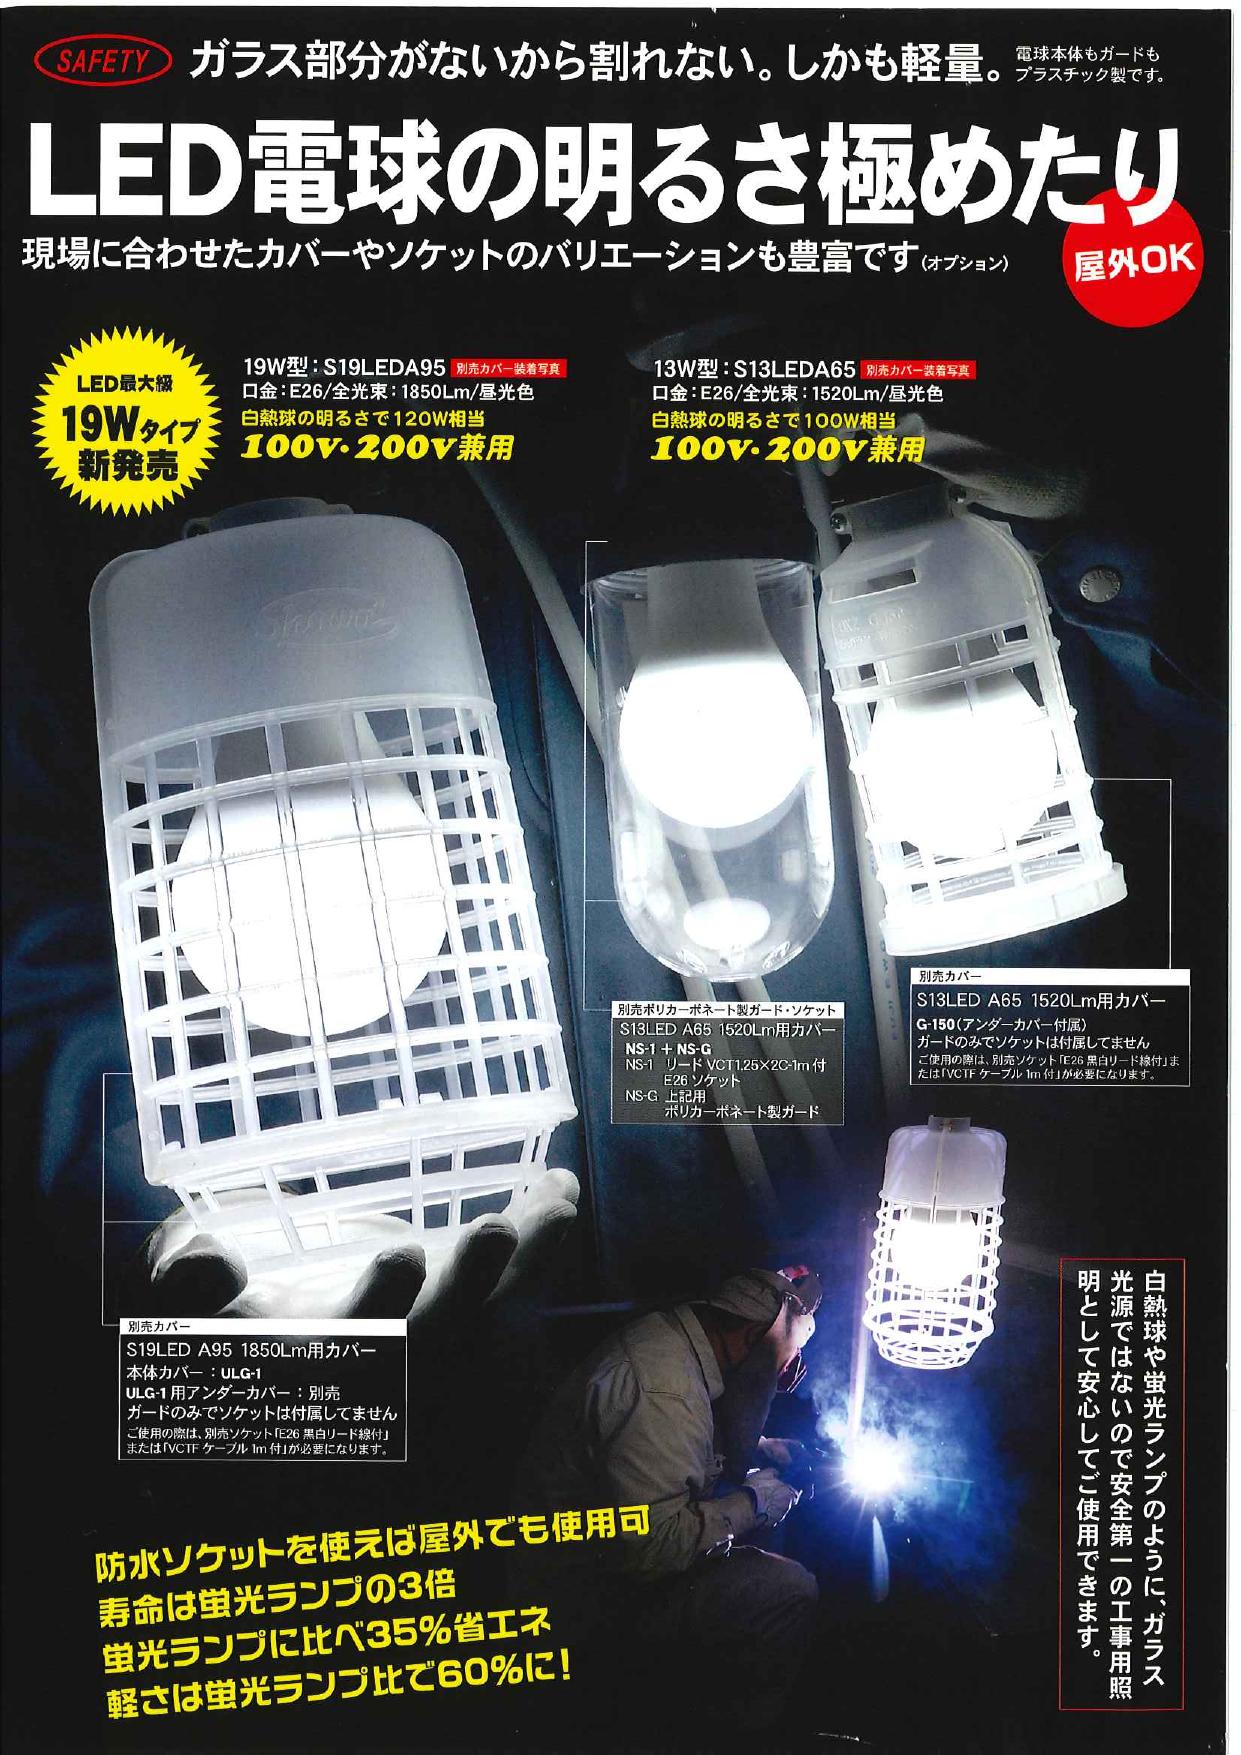 電球タイプ 19W型/13W型 LED電球